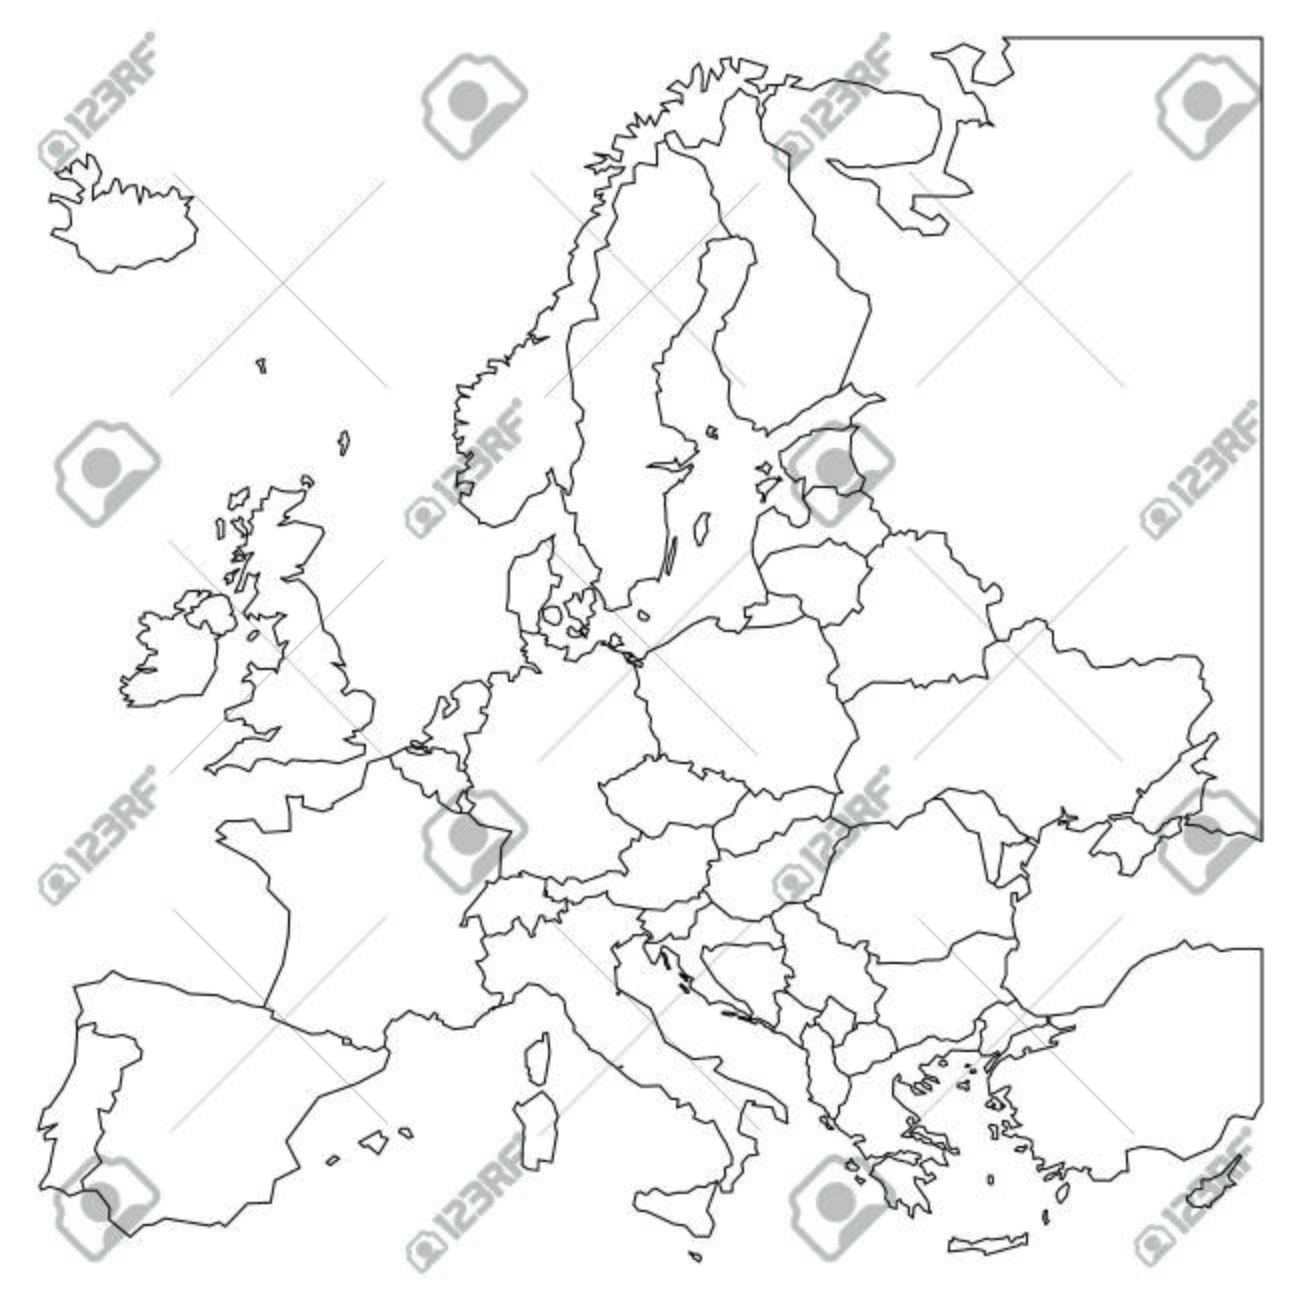 Carte Europe Noir Et Blanc.Carte D Ensemble En Blanc De L Europe Carte Simplifiee Wireframe De Bordures Doublees De Noir